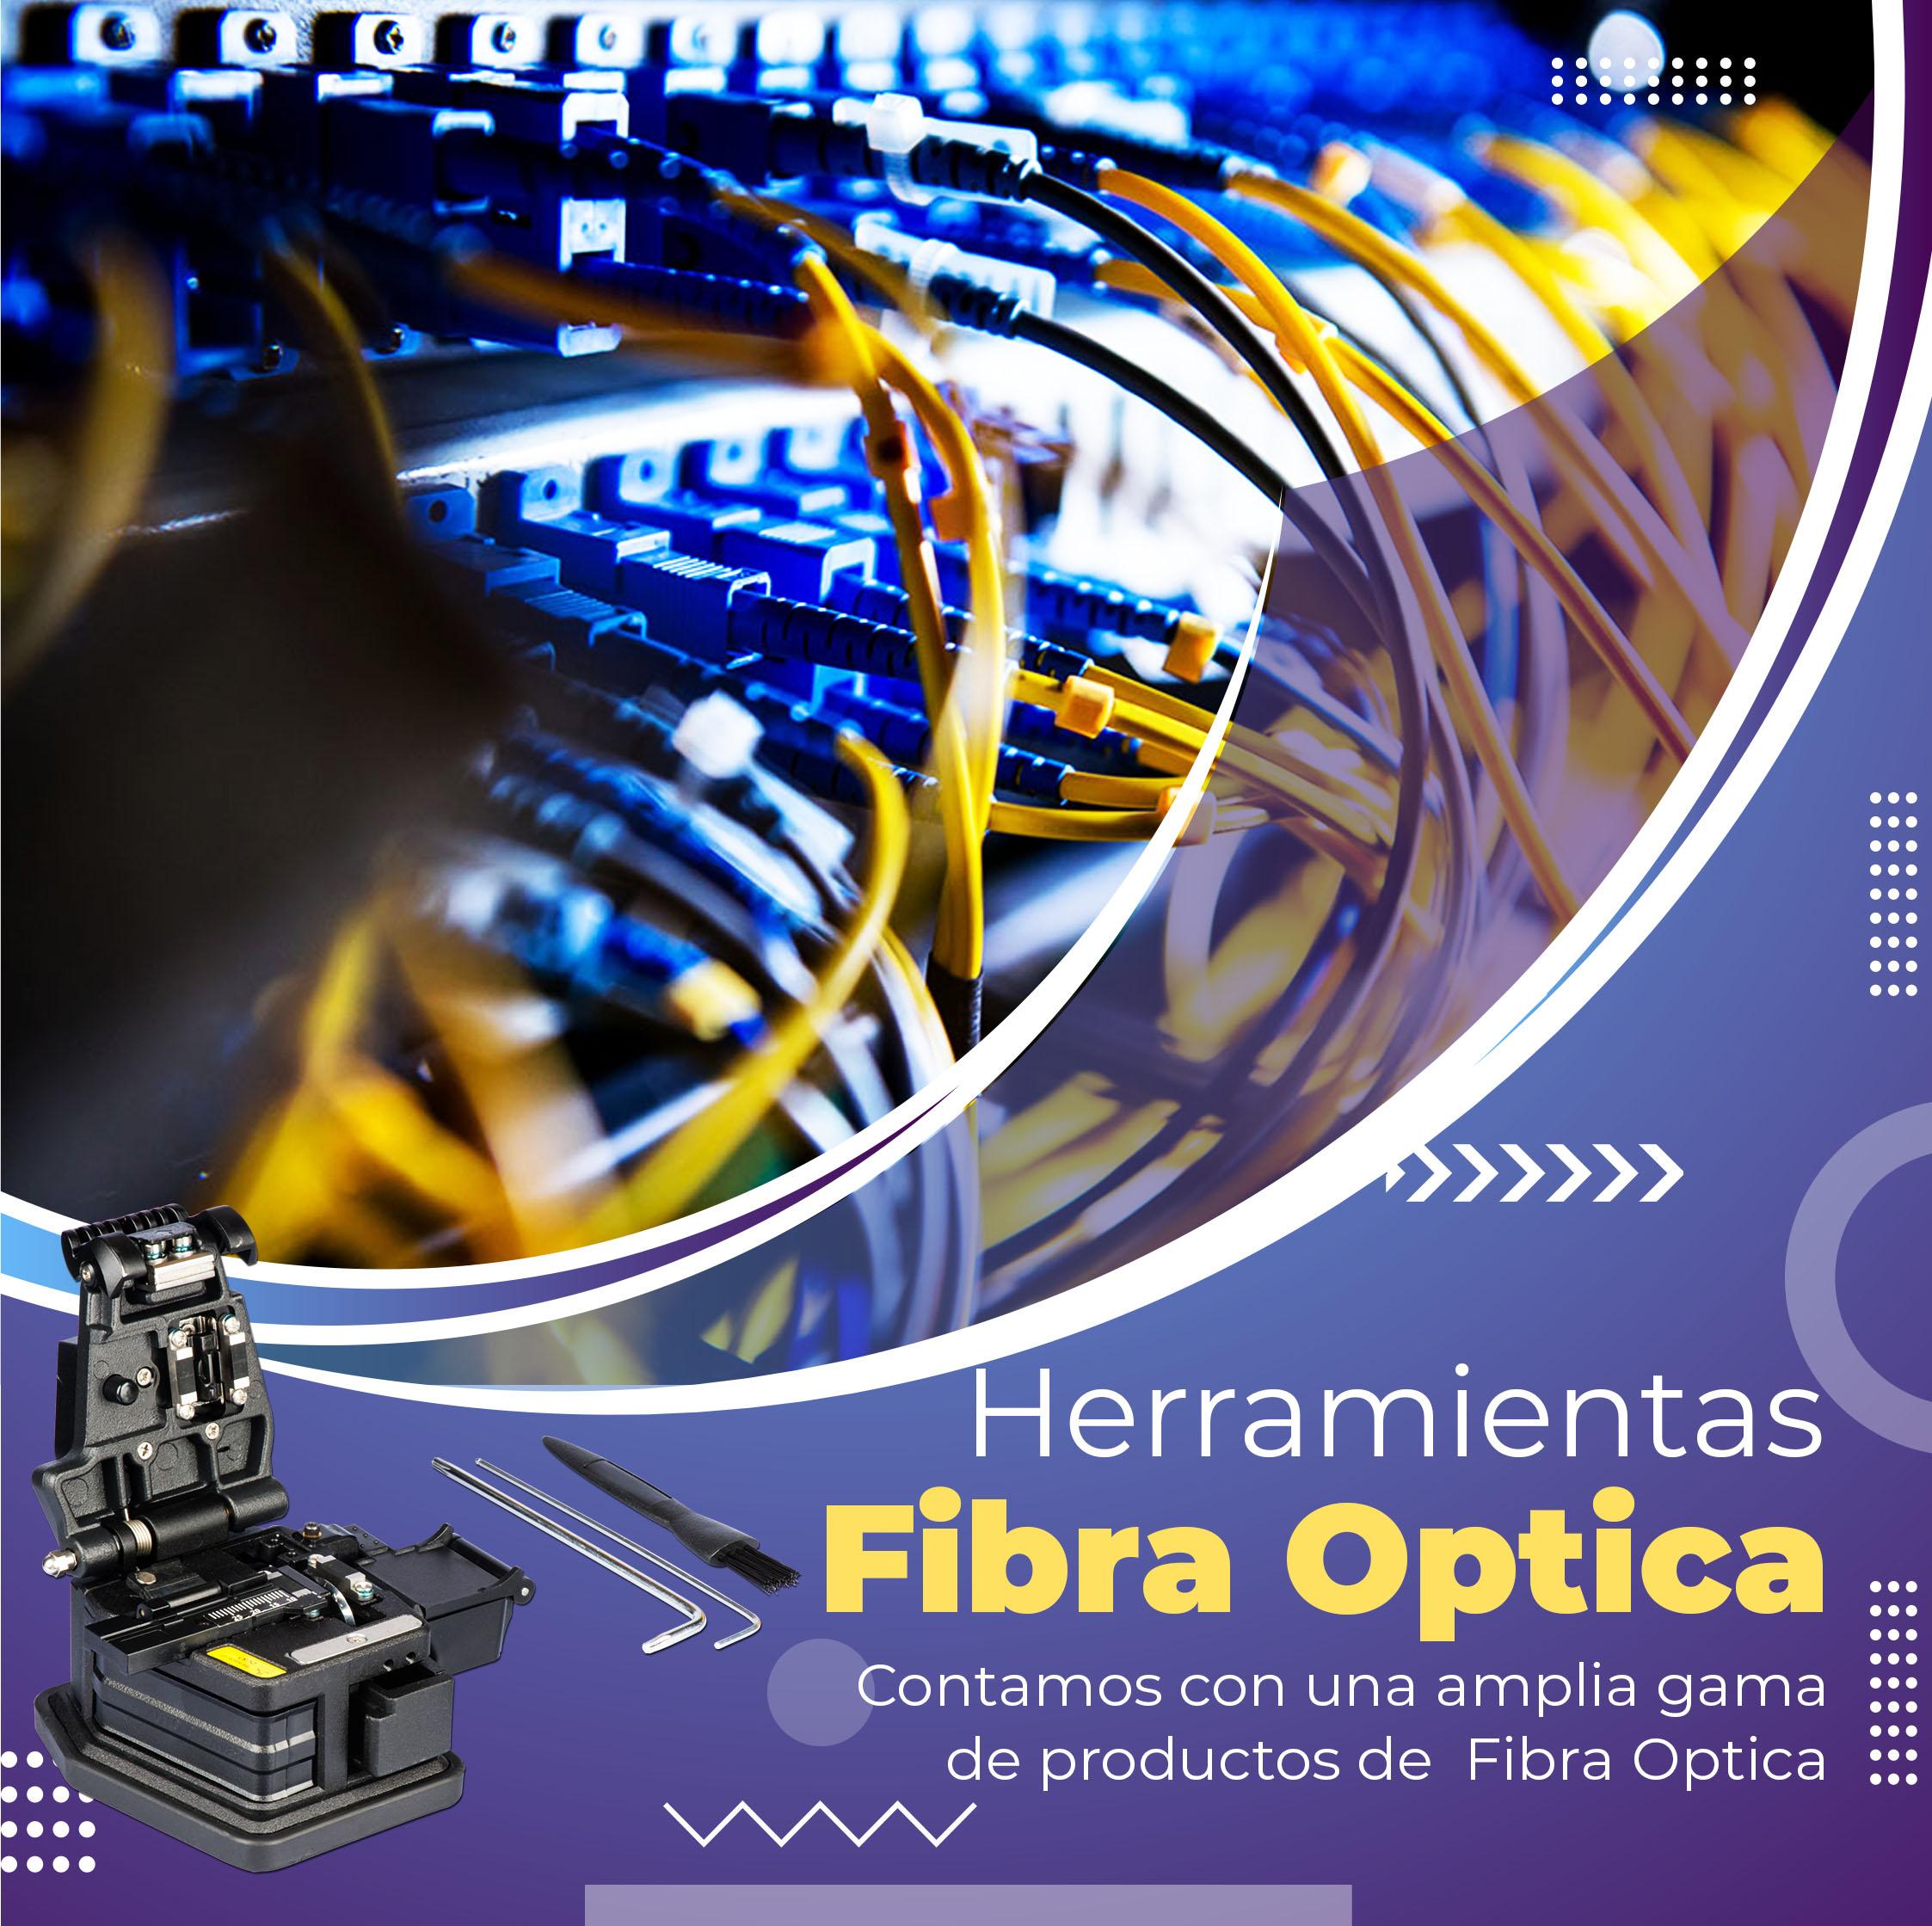 herramientas fibra optica comercial lagos e hijos ltda